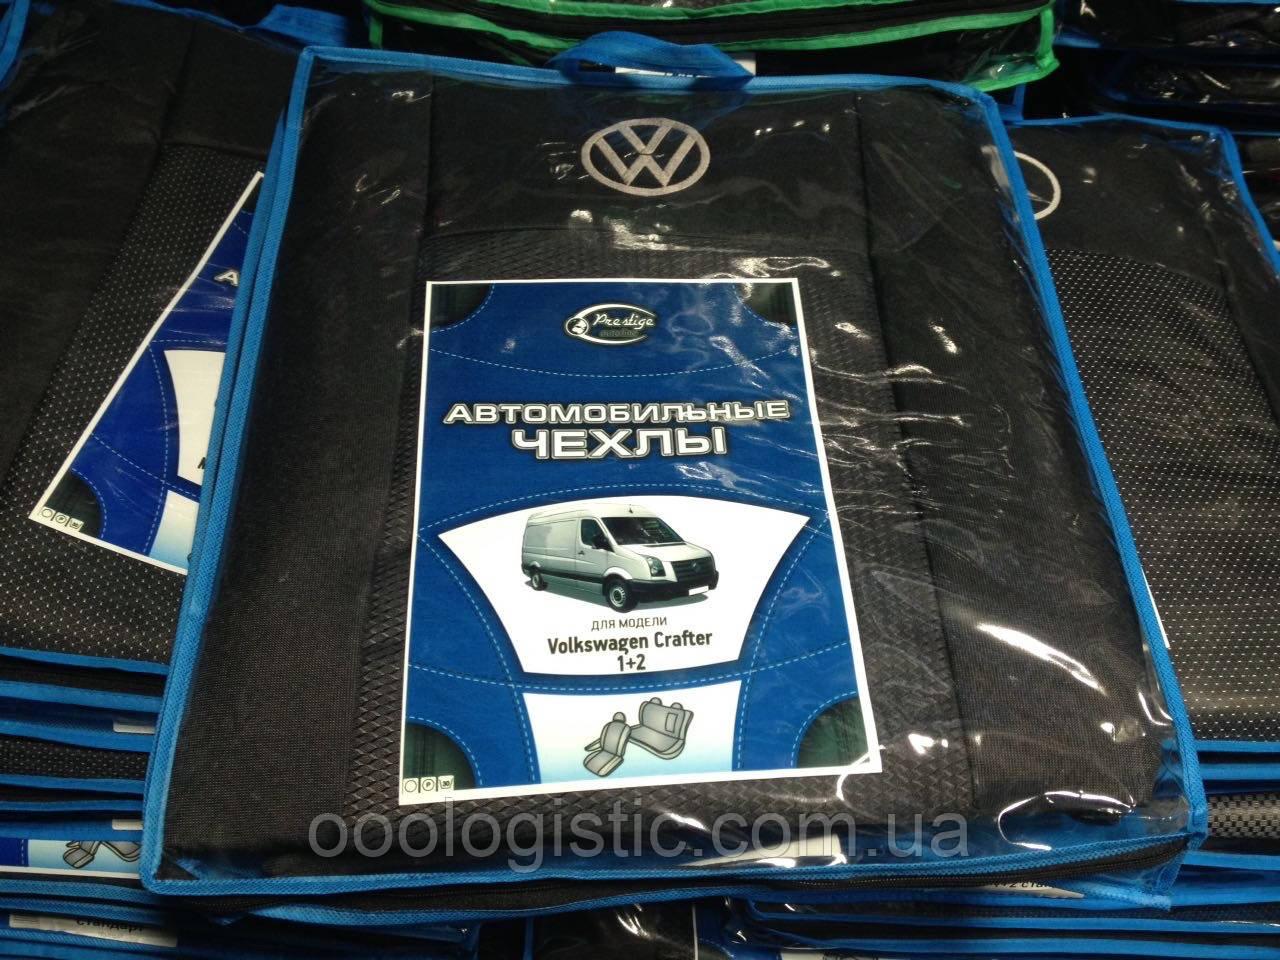 Авточохли Prestige на передні сидіння Volkswagen Crafter 1+2 ,